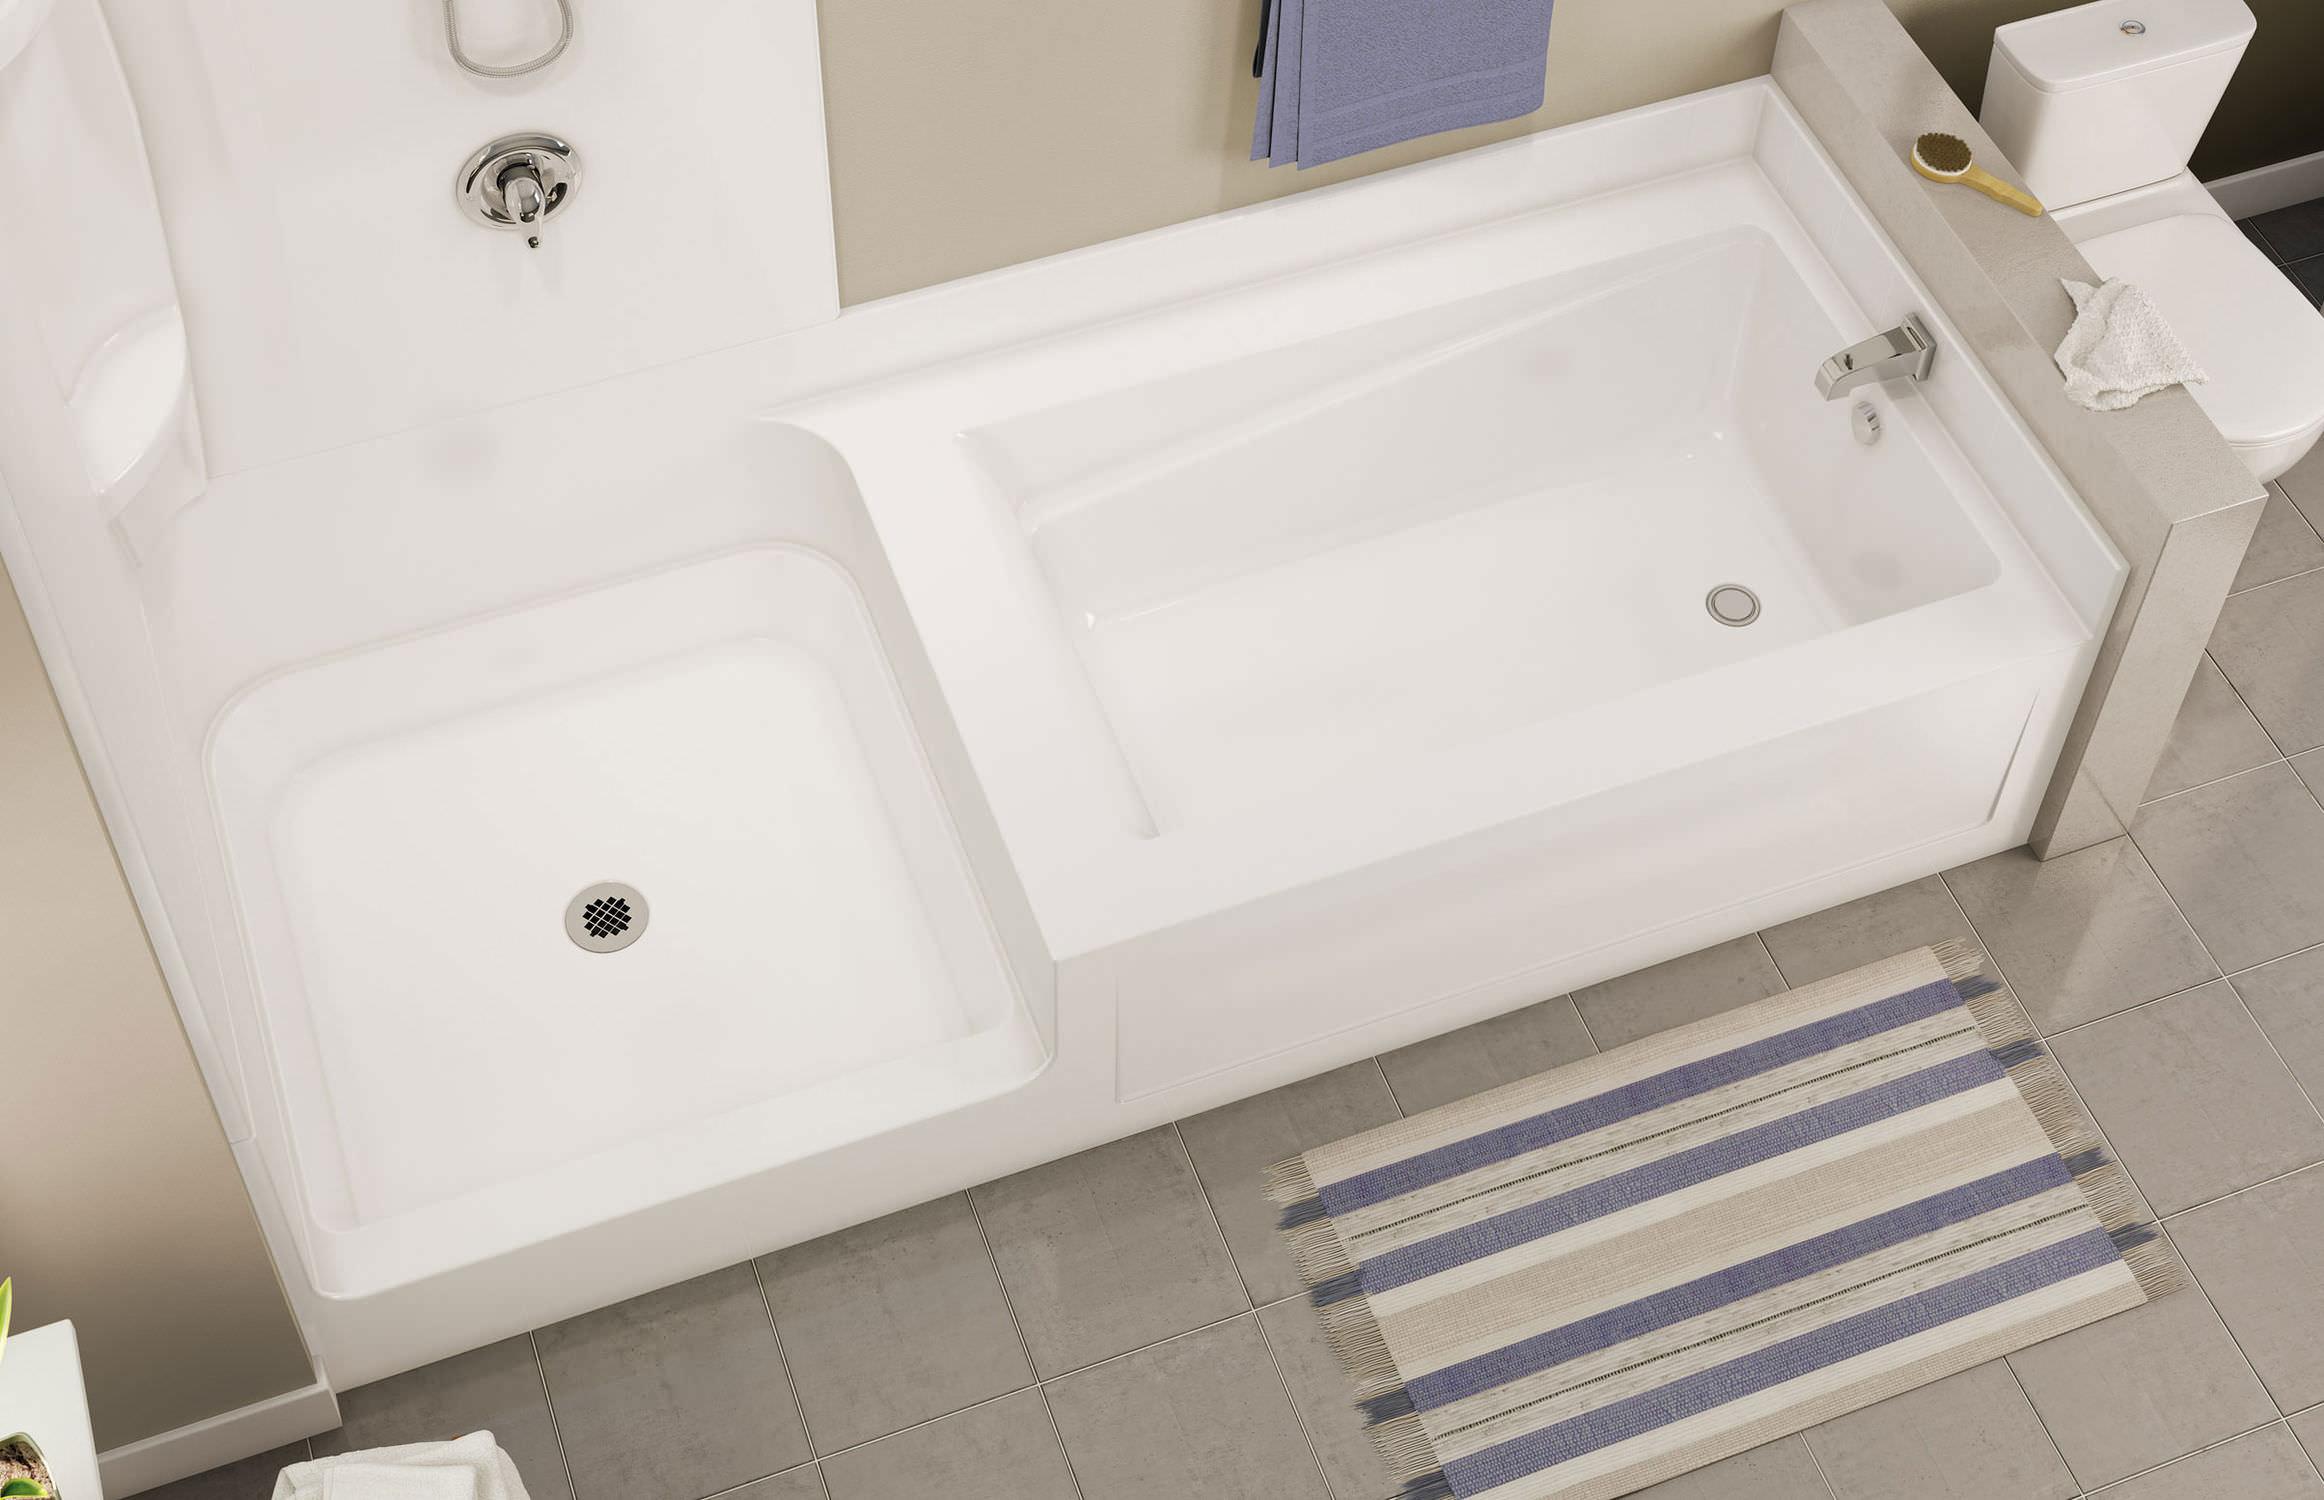 Vasca Da Bagno Infinity Prezzo : Vasca da bagno doccia da incasso rettangolare in acrilico